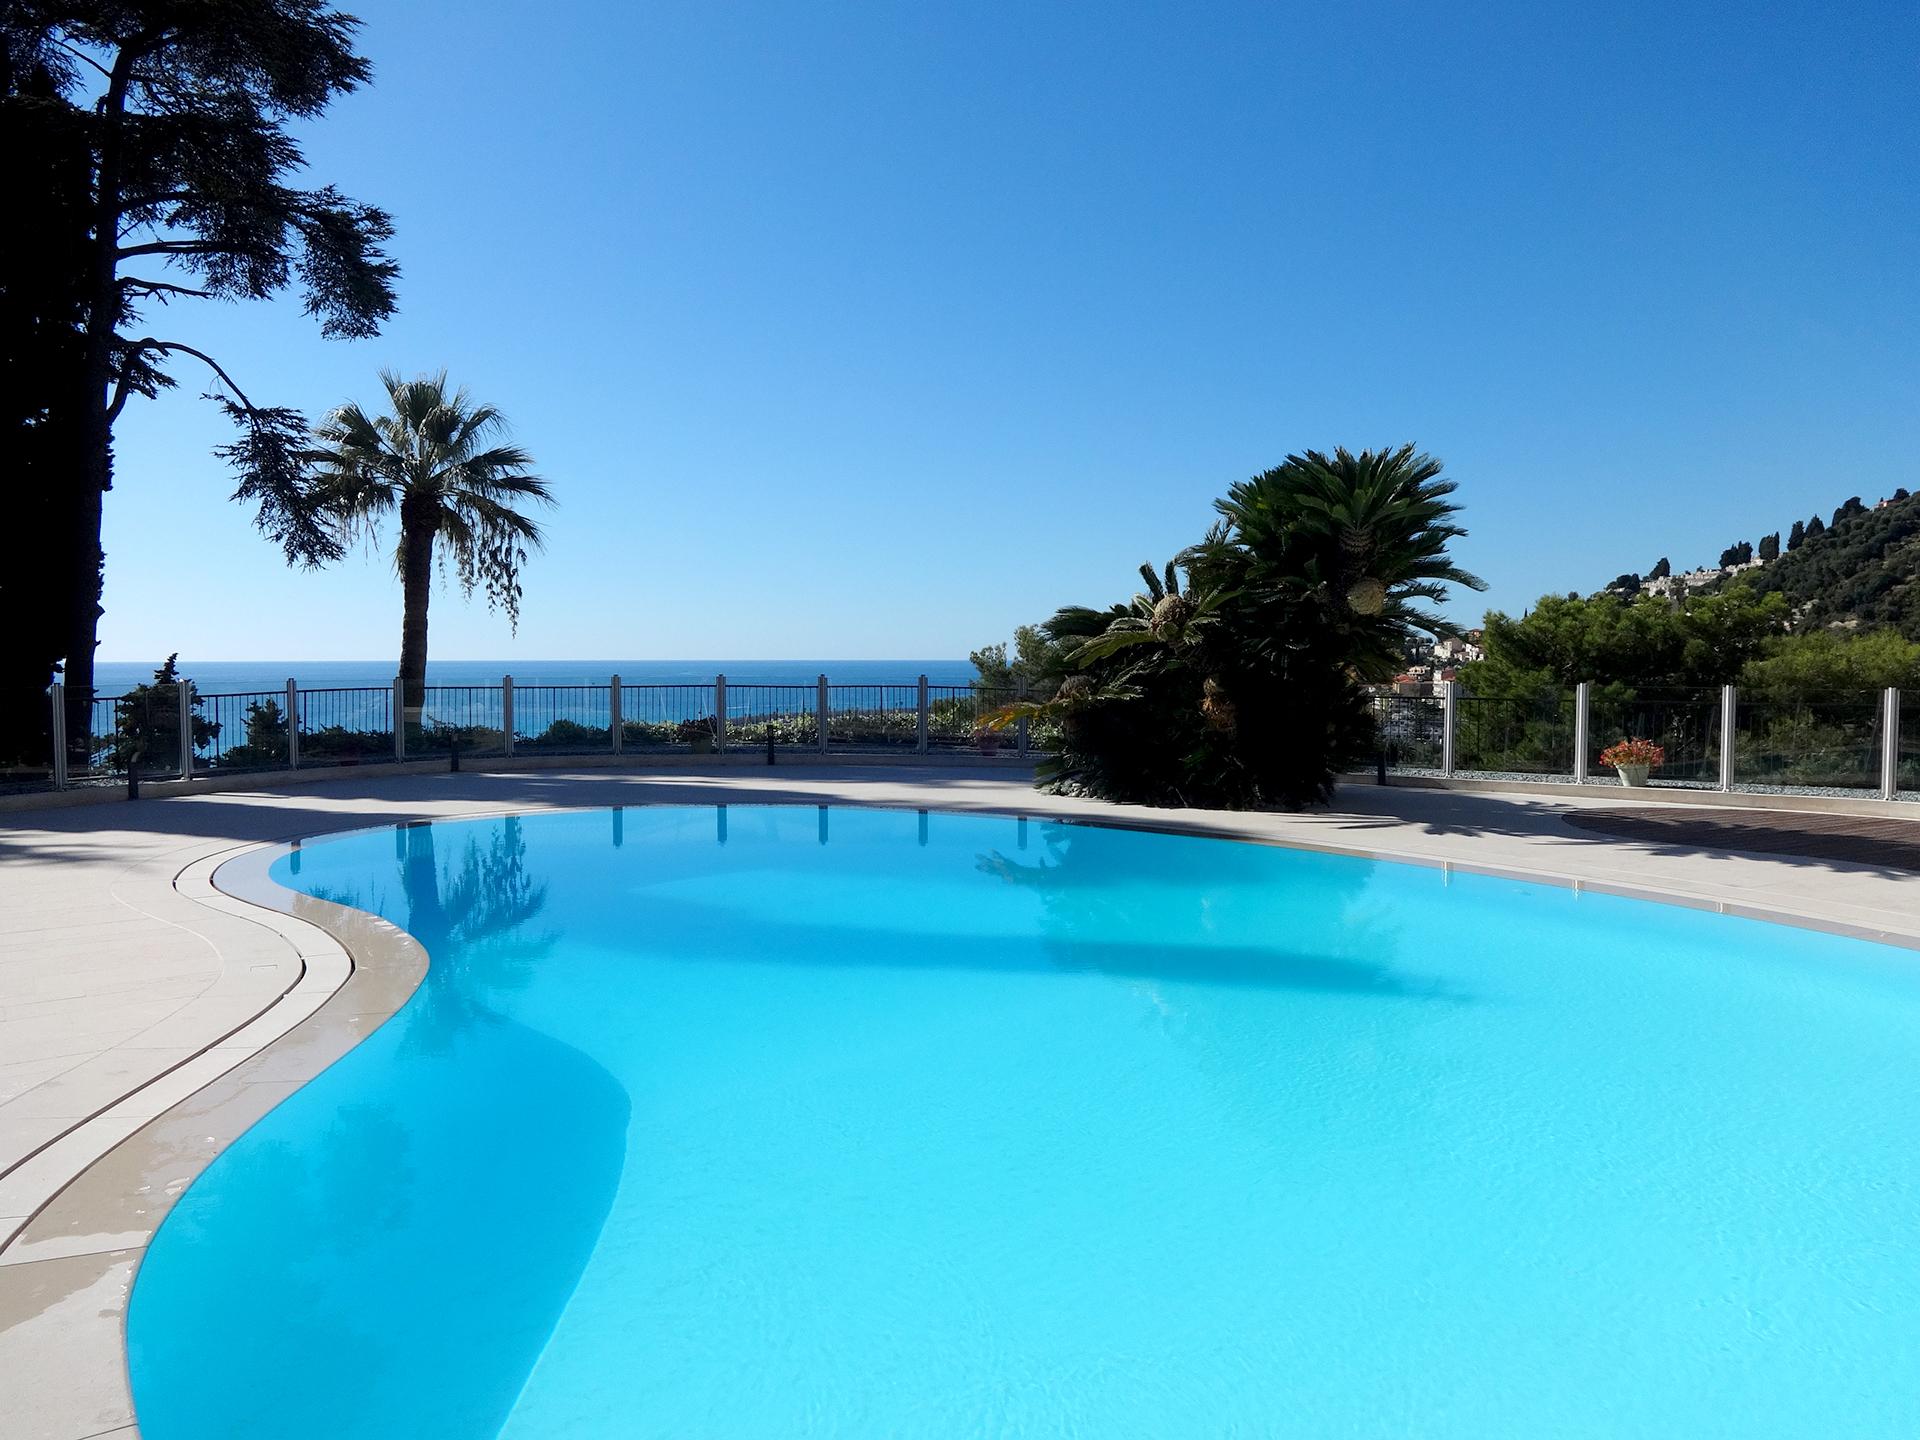 ... en de azuurblauwe Middellandse Zee